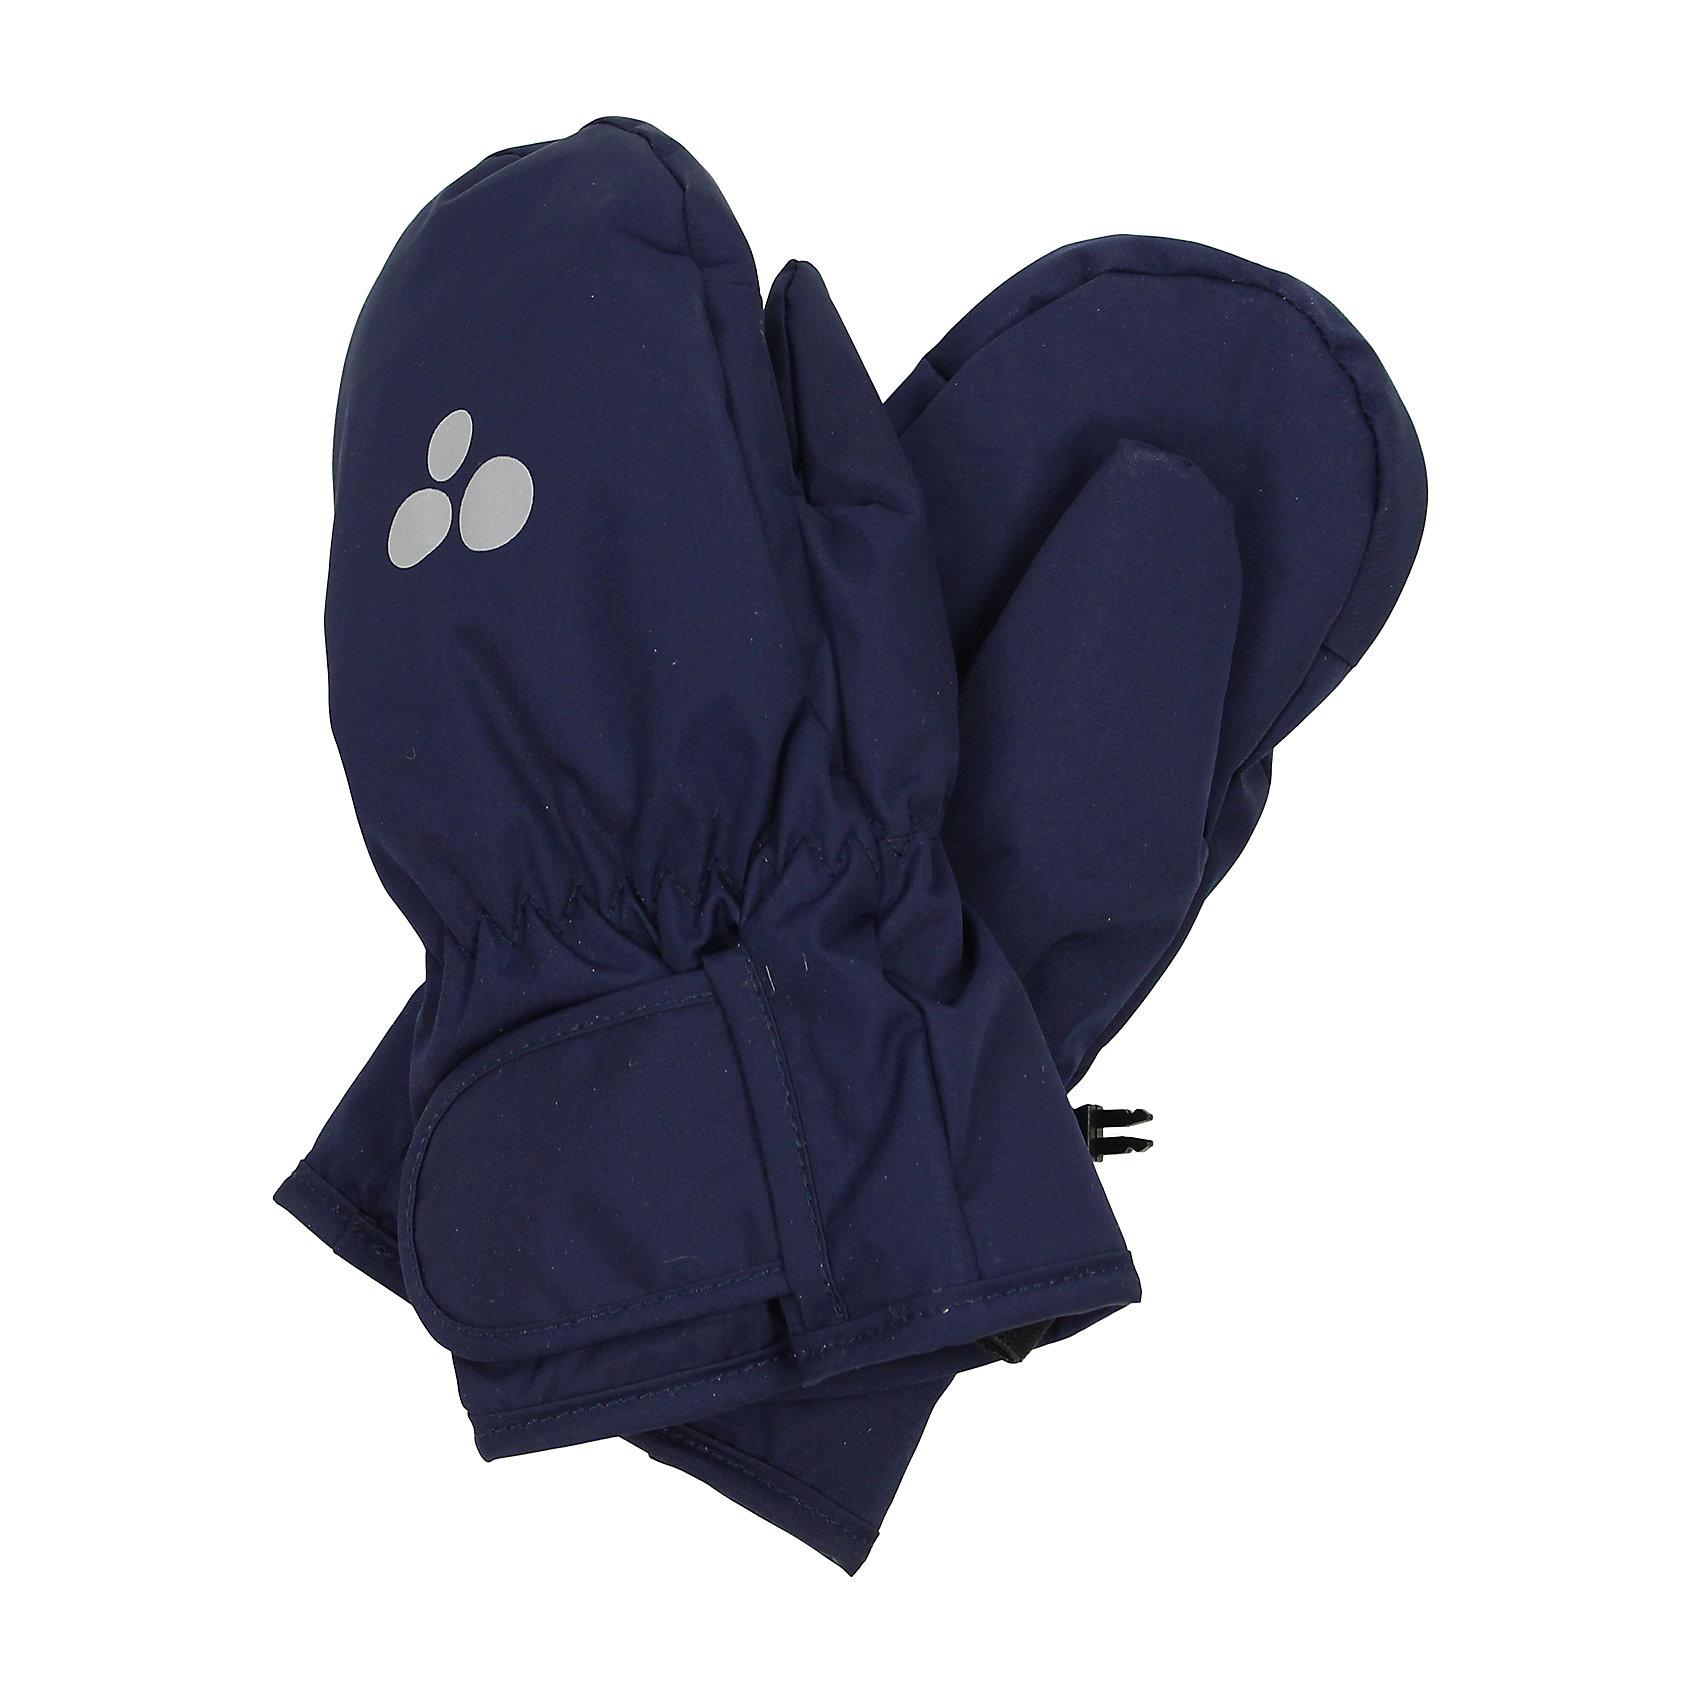 Варежки для мальчика HuppaДетские зимние варежки ярких цветов. У варежек приятная подкладка из полиэстера и дышащая и водоотталкивающая ткань, которая поможет держать руки в сухости и тепле. В середину вшита резинка, а на запястье - регулируемая застежка-липучка, которые помогут варежкам надежно держаться на руках. Чтобы варежки не терялись, для удобства использования варежек добавлена резиновая лента, а в качестве украшения - светящиеся в темноте шарики с логотипом Huppa (Хуппа). Маленькие зажимы в средней части помогут держать пару варежек вместе после использования. <br><br>Варежки для мальчика Huppa (Хуппа) можно купить в нашем магазине.<br><br>Ширина мм: 162<br>Глубина мм: 171<br>Высота мм: 55<br>Вес г: 119<br>Цвет: синий<br>Возраст от месяцев: 48<br>Возраст до месяцев: 72<br>Пол: Мужской<br>Возраст: Детский<br>Размер: 4,5,2,1,3<br>SKU: 4242814